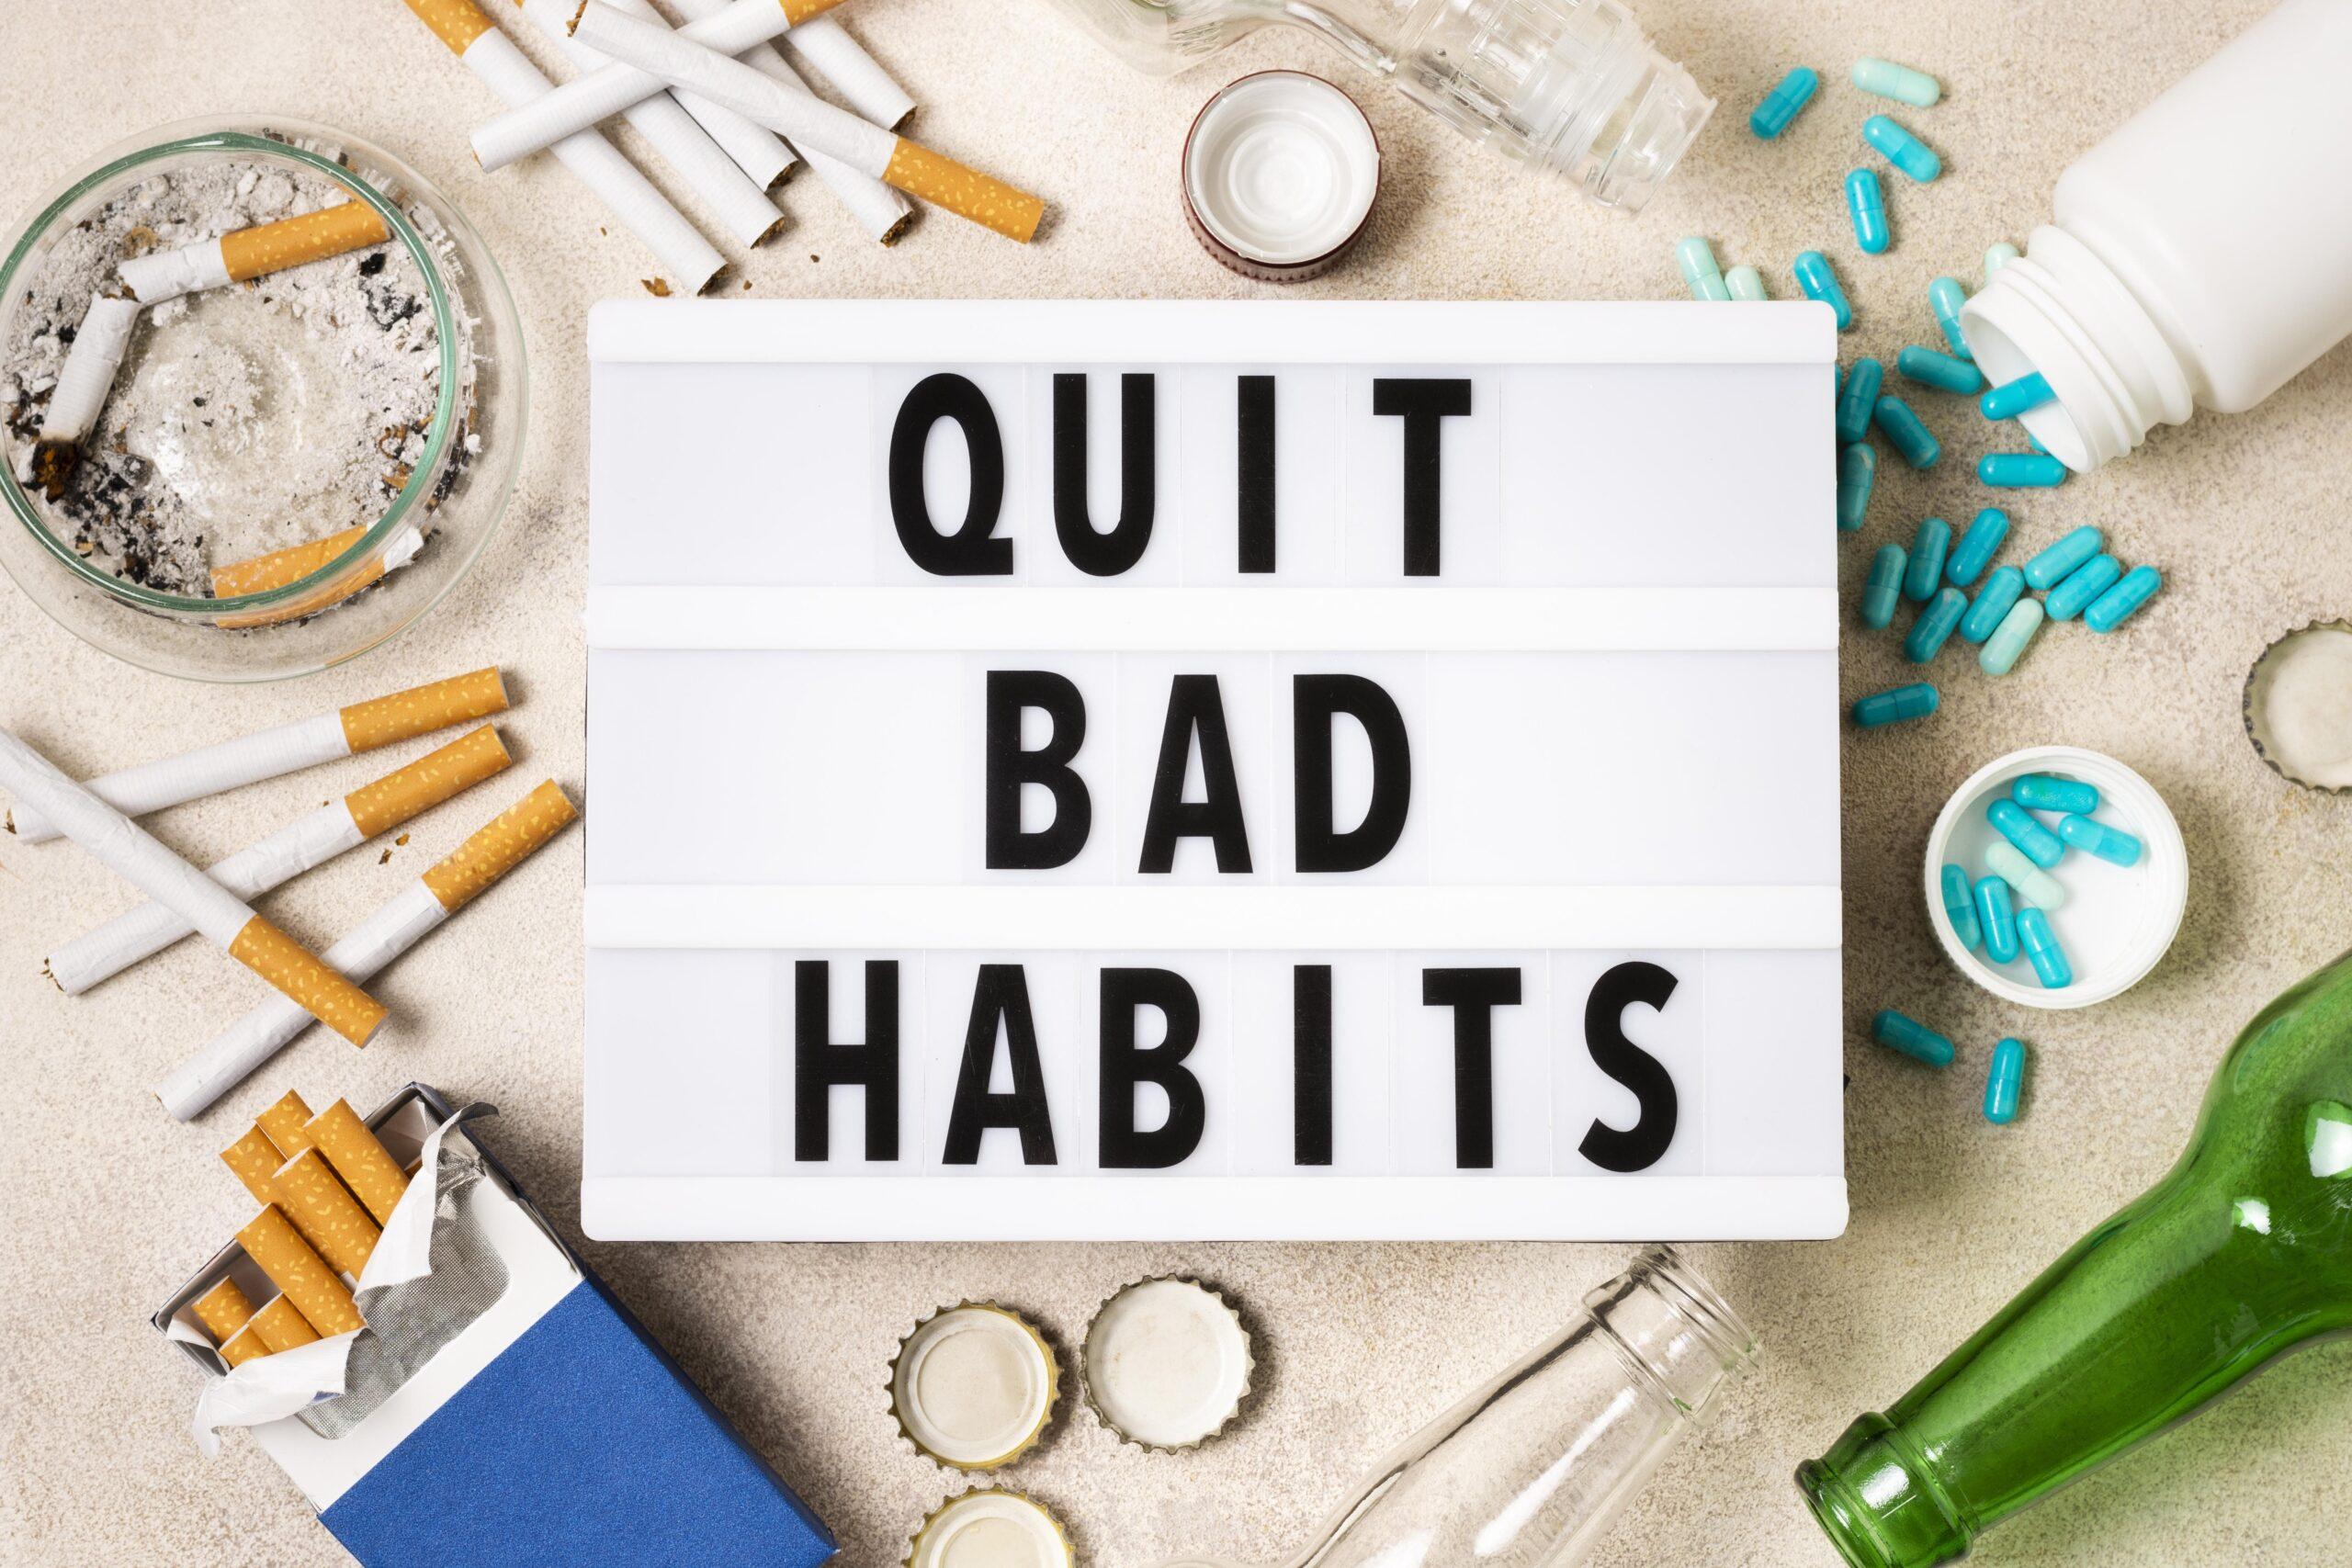 quit bad habits